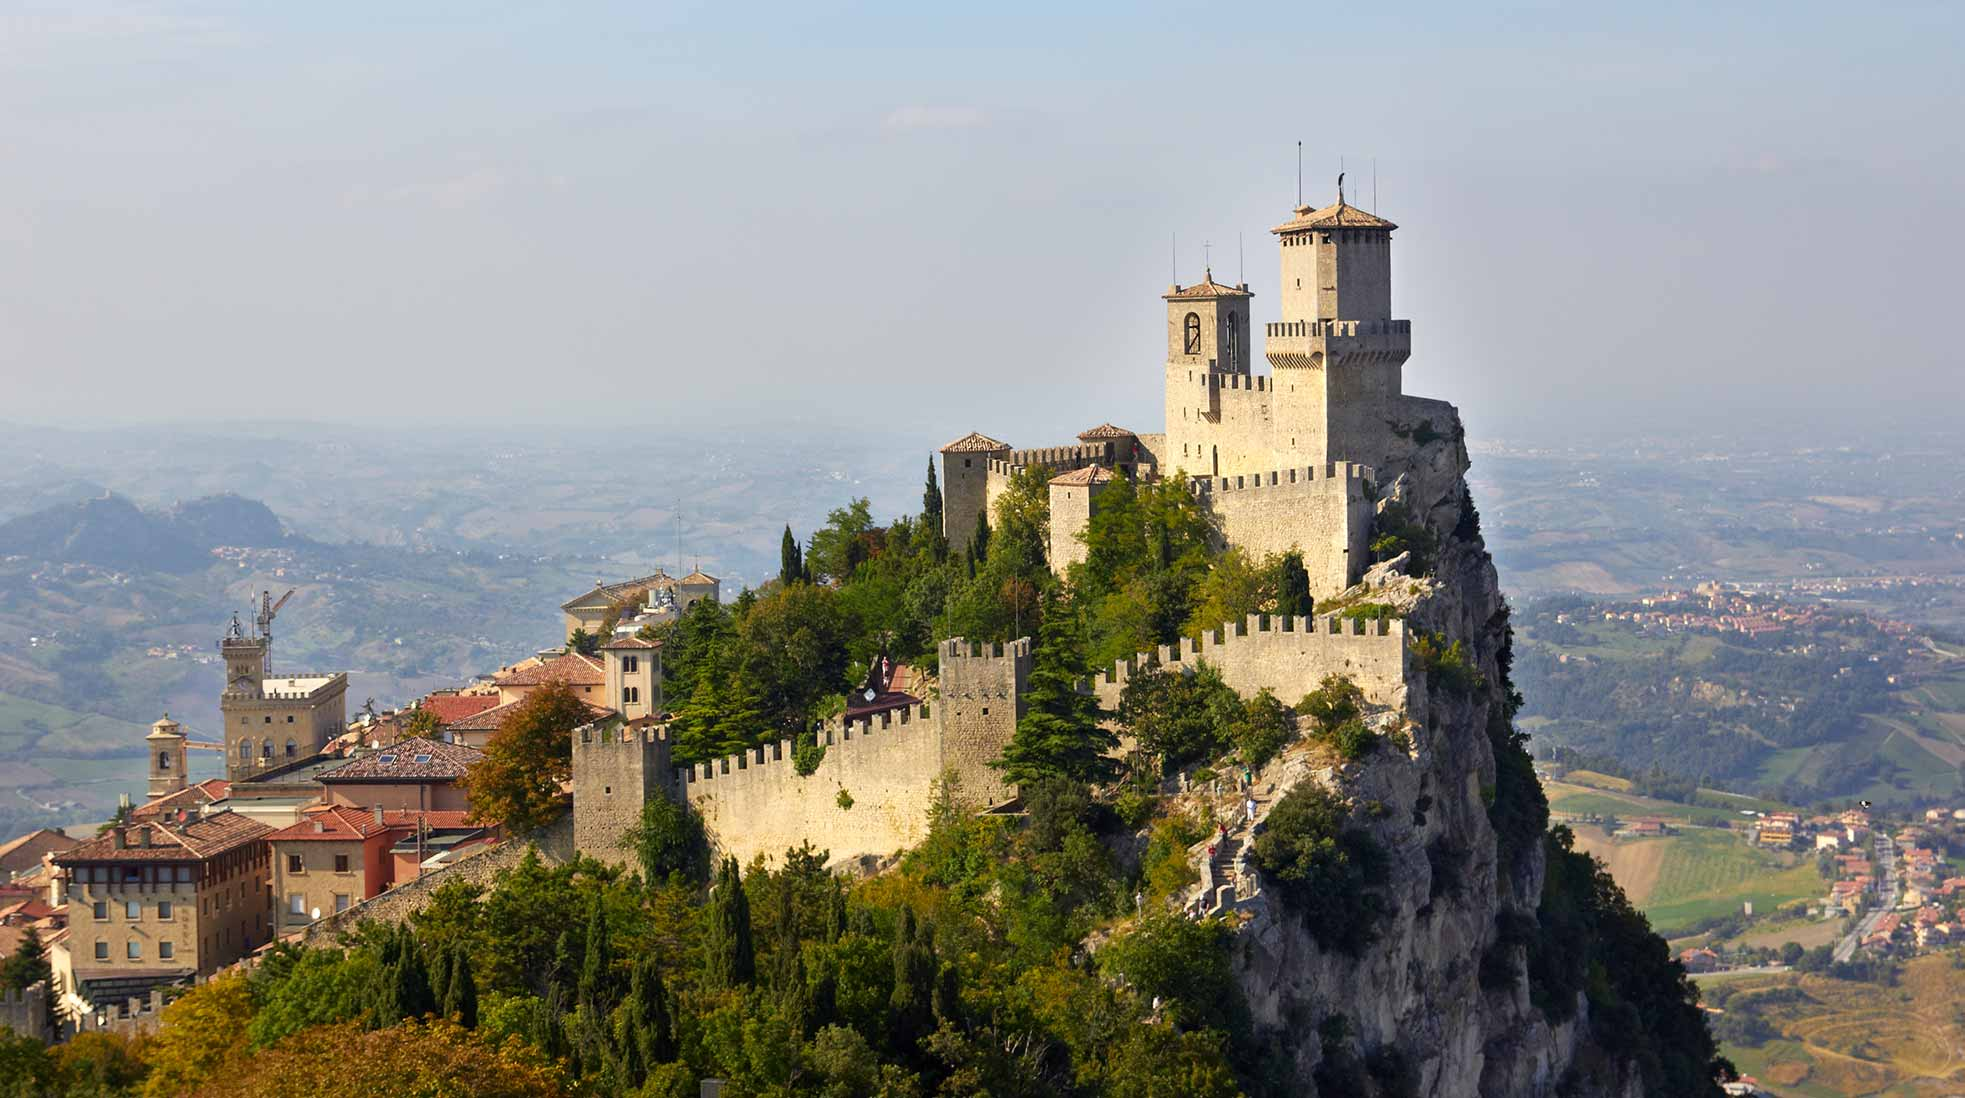 The fortress of Città di San Marino